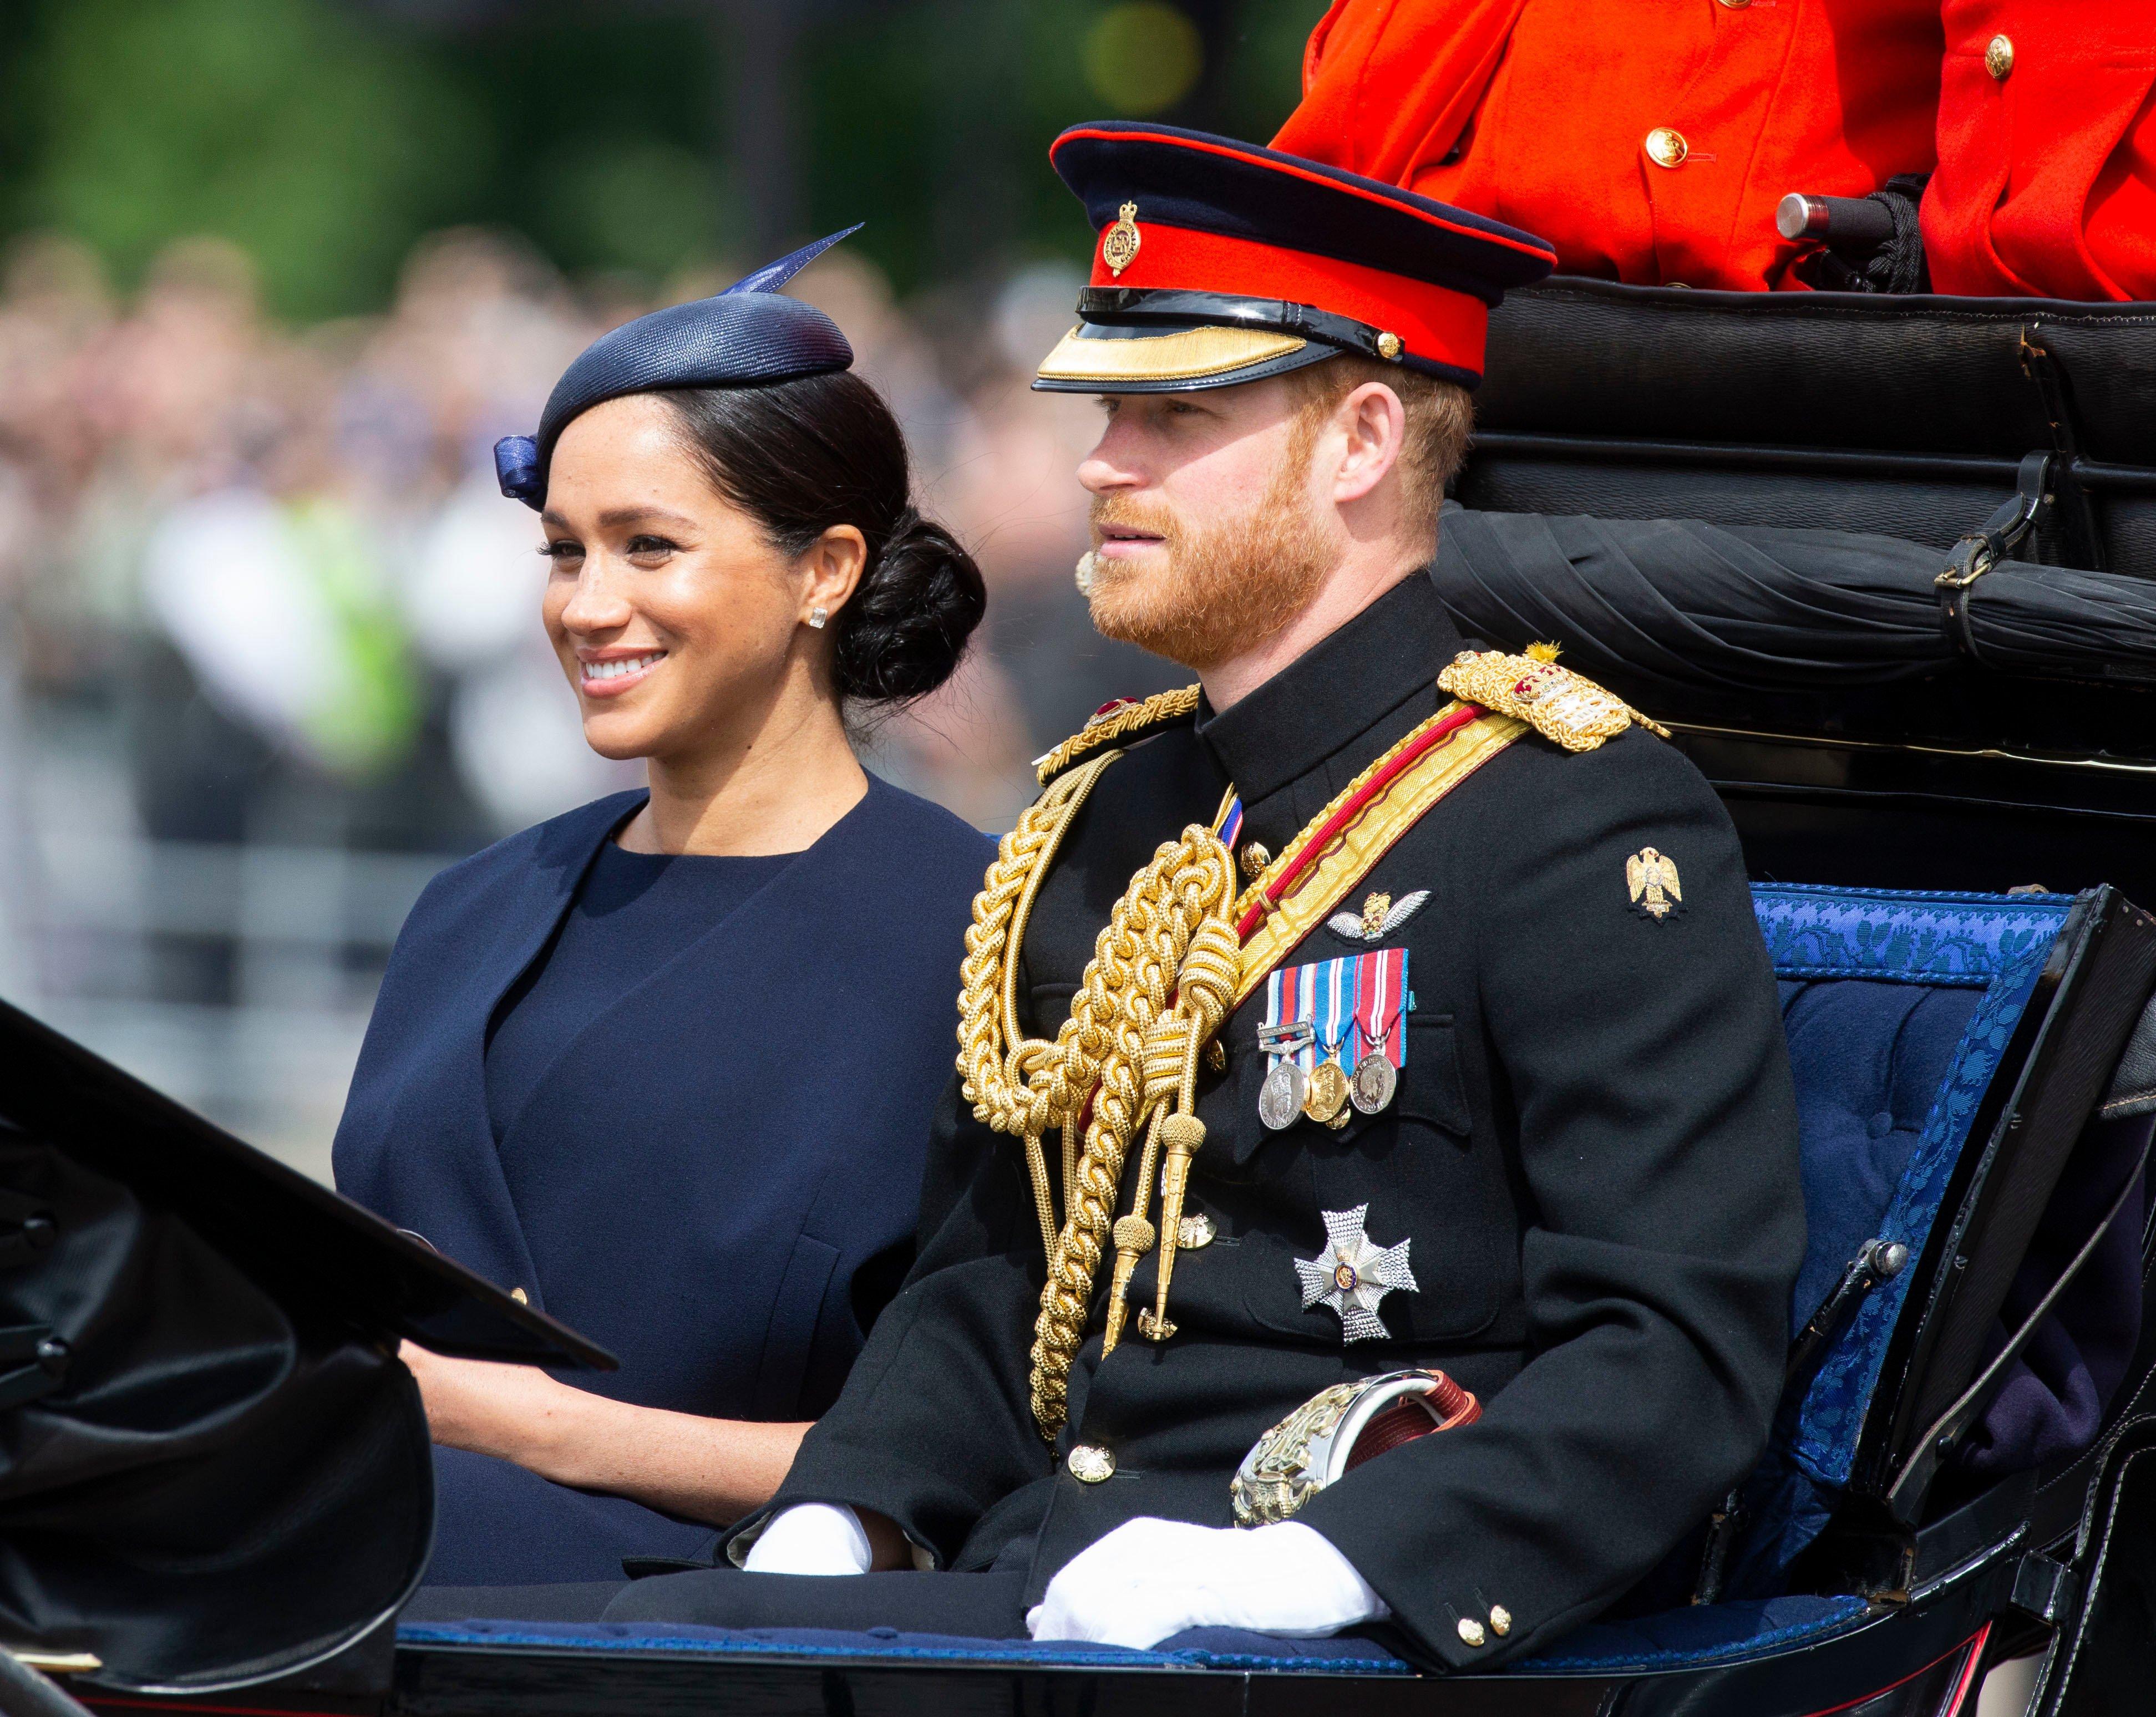 Imaginea cu Meghan Markle și Prințul Harry care a cucerit internetul (4)